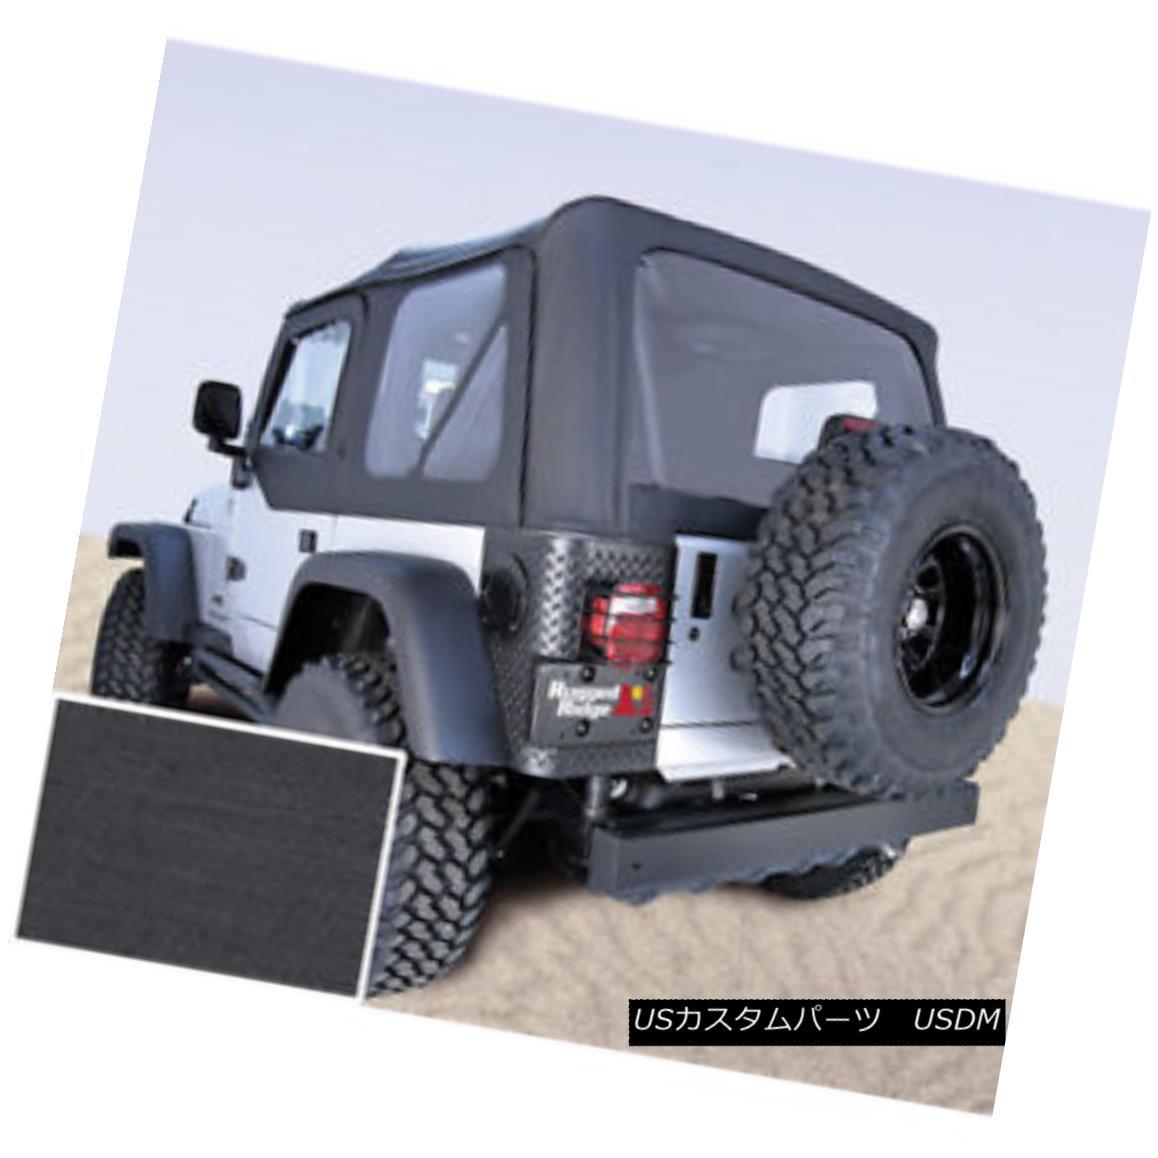 幌・ソフトトップ Rugged Ridge 13725.15 XHD Soft Top Black Clear Windows 97-06 Jeep Wrangler 頑丈なリッジ13725.15 XHDソフトトップブラッククリアWindows 97-06ジープラングラー